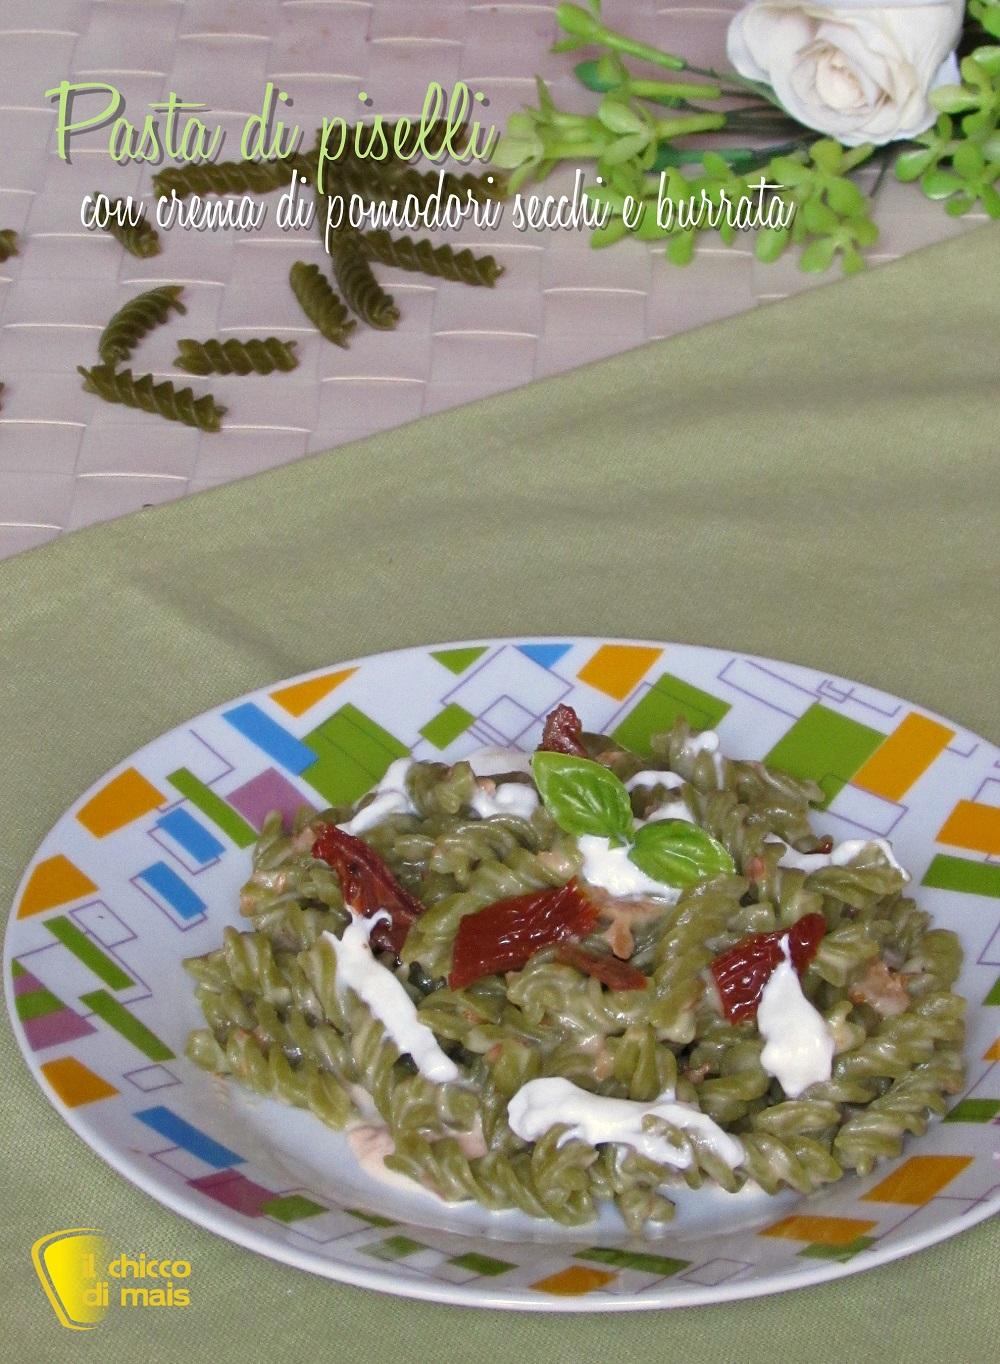 verticale_pasta di piselli con crema di pomodori secchi e burrata ricetta il chicco di mais